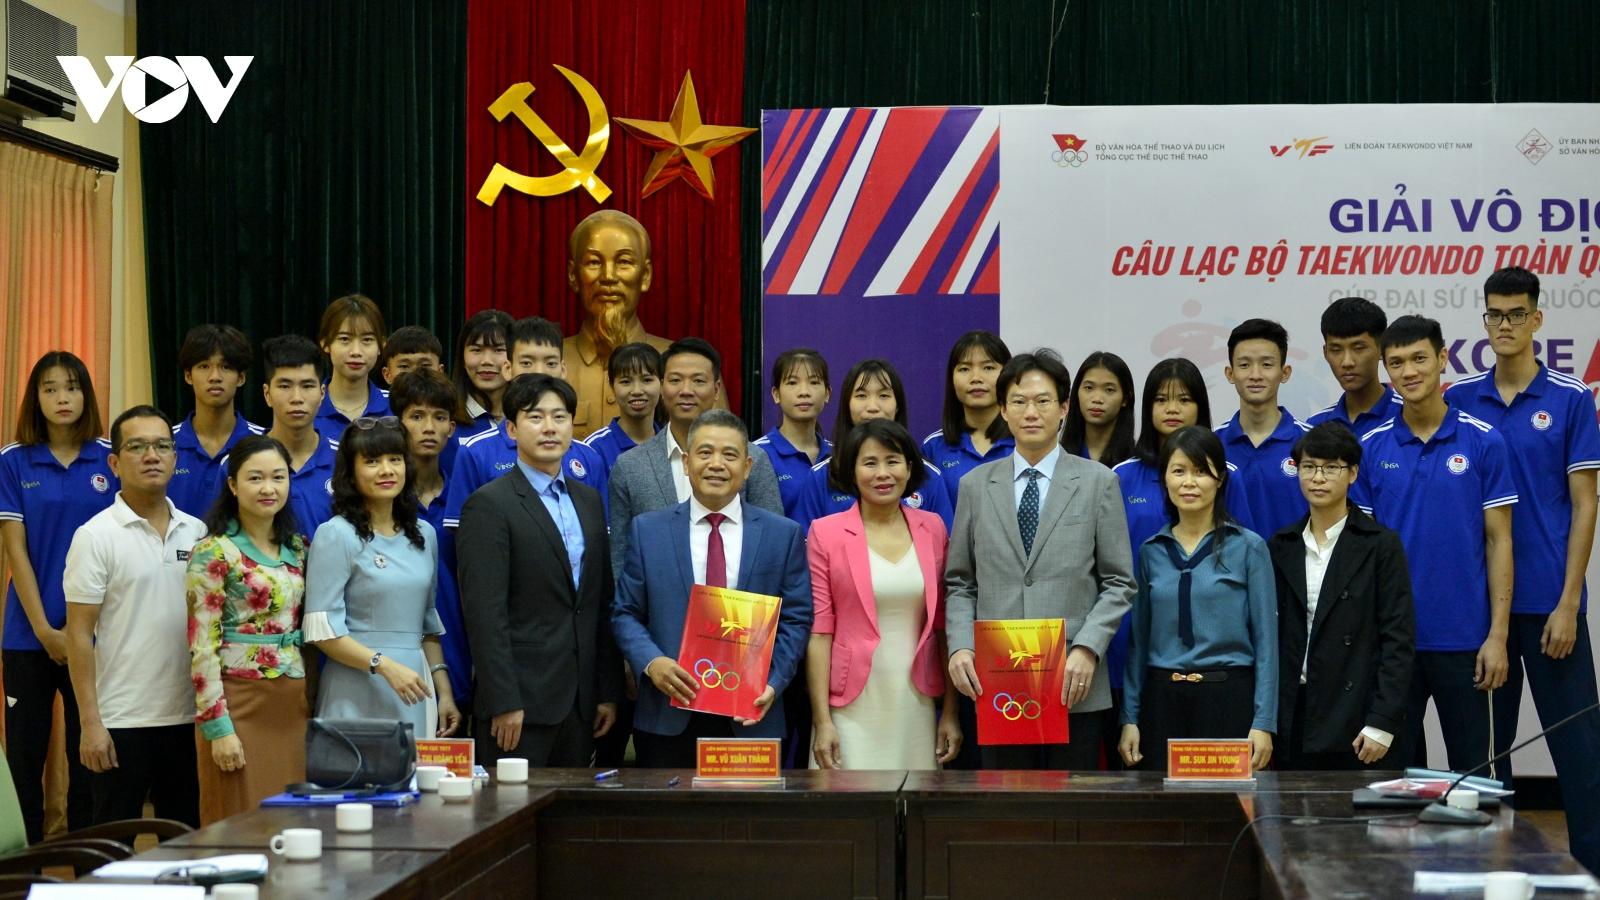 Hơn 700 VĐV tham dự Giải vô địch CLB Taekwondo Cúp Đại sứ Hàn Quốc 2020